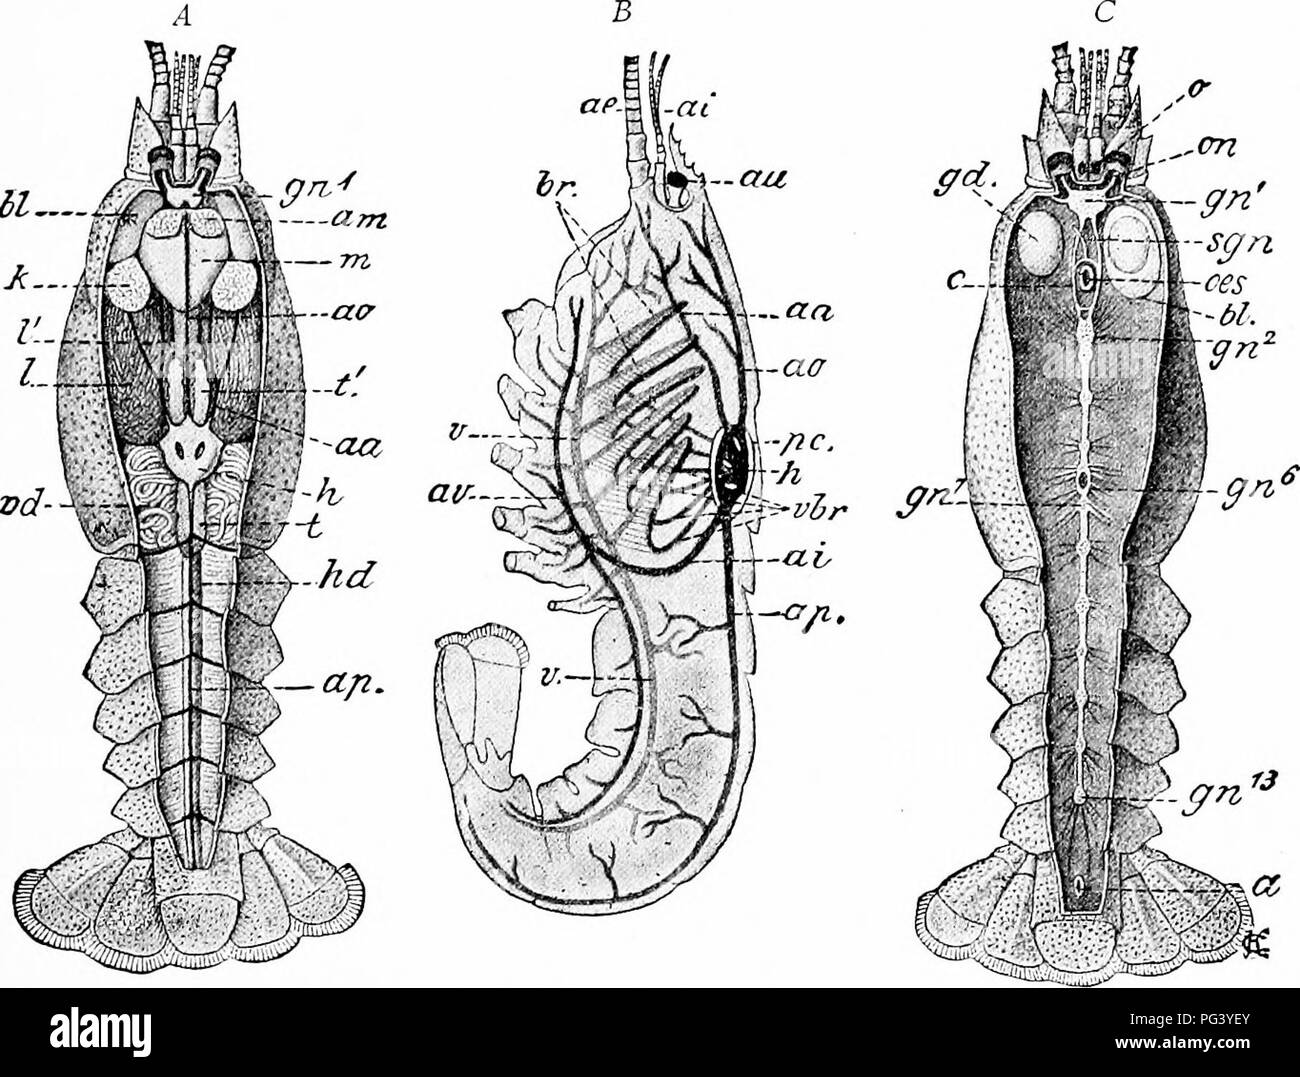 Dorsal Artery Imágenes De Stock & Dorsal Artery Fotos De Stock ...